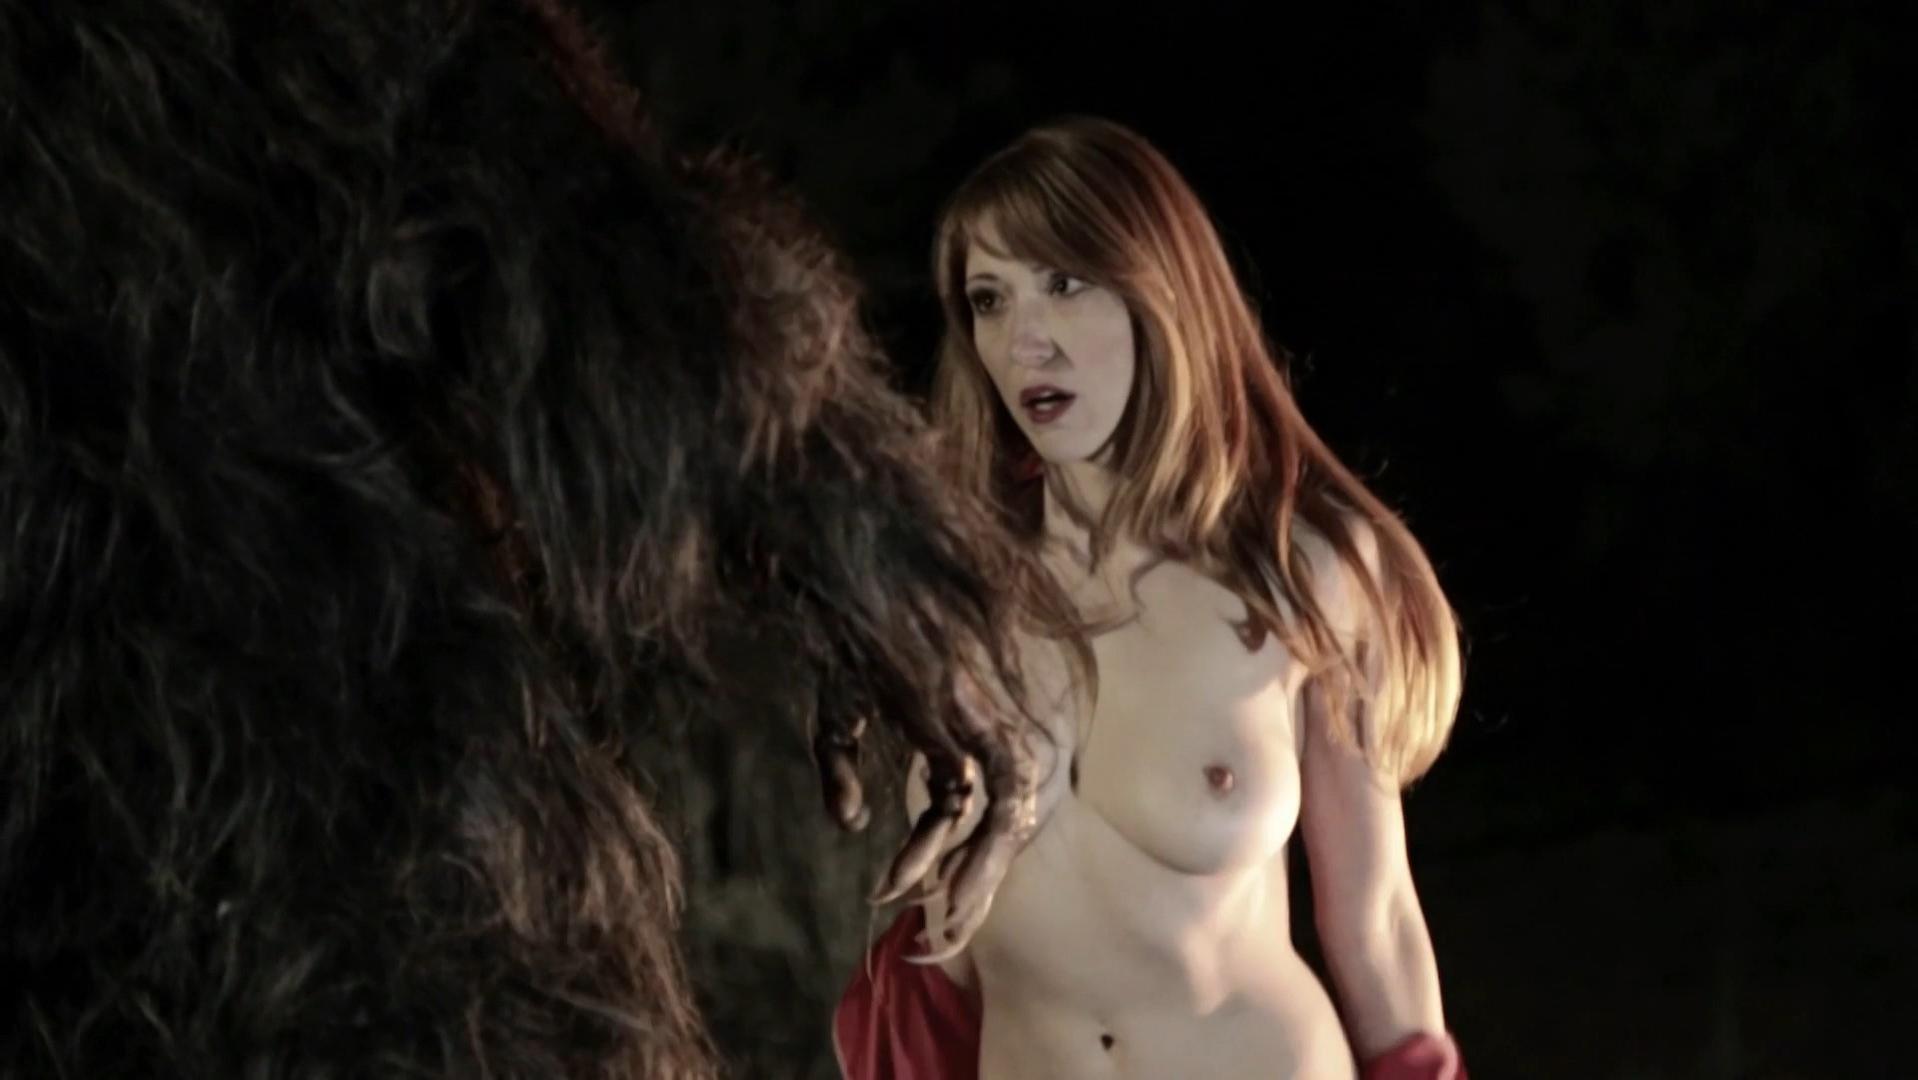 werewolf sex scene